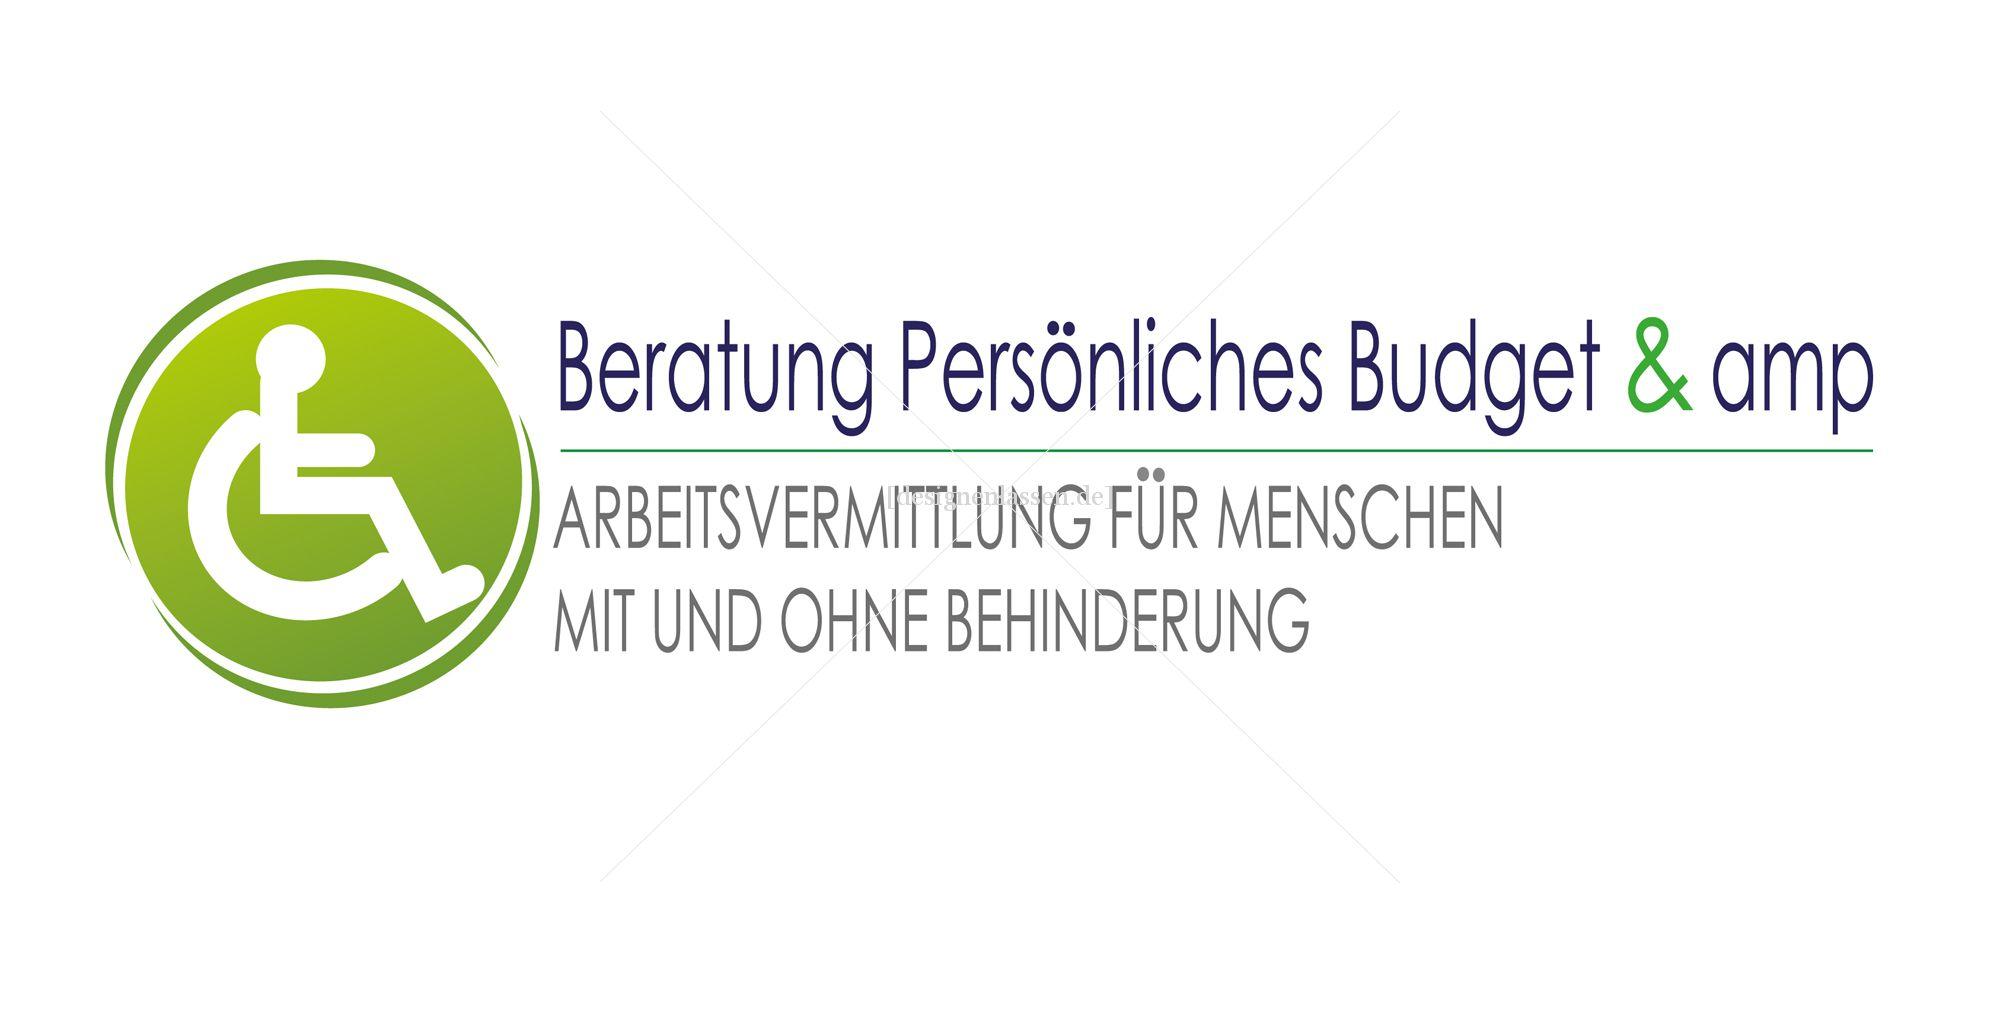 Beratung durch den Behördendschungel und Arbeitsvermittlung für Menschen mit/ohne Behinderung und